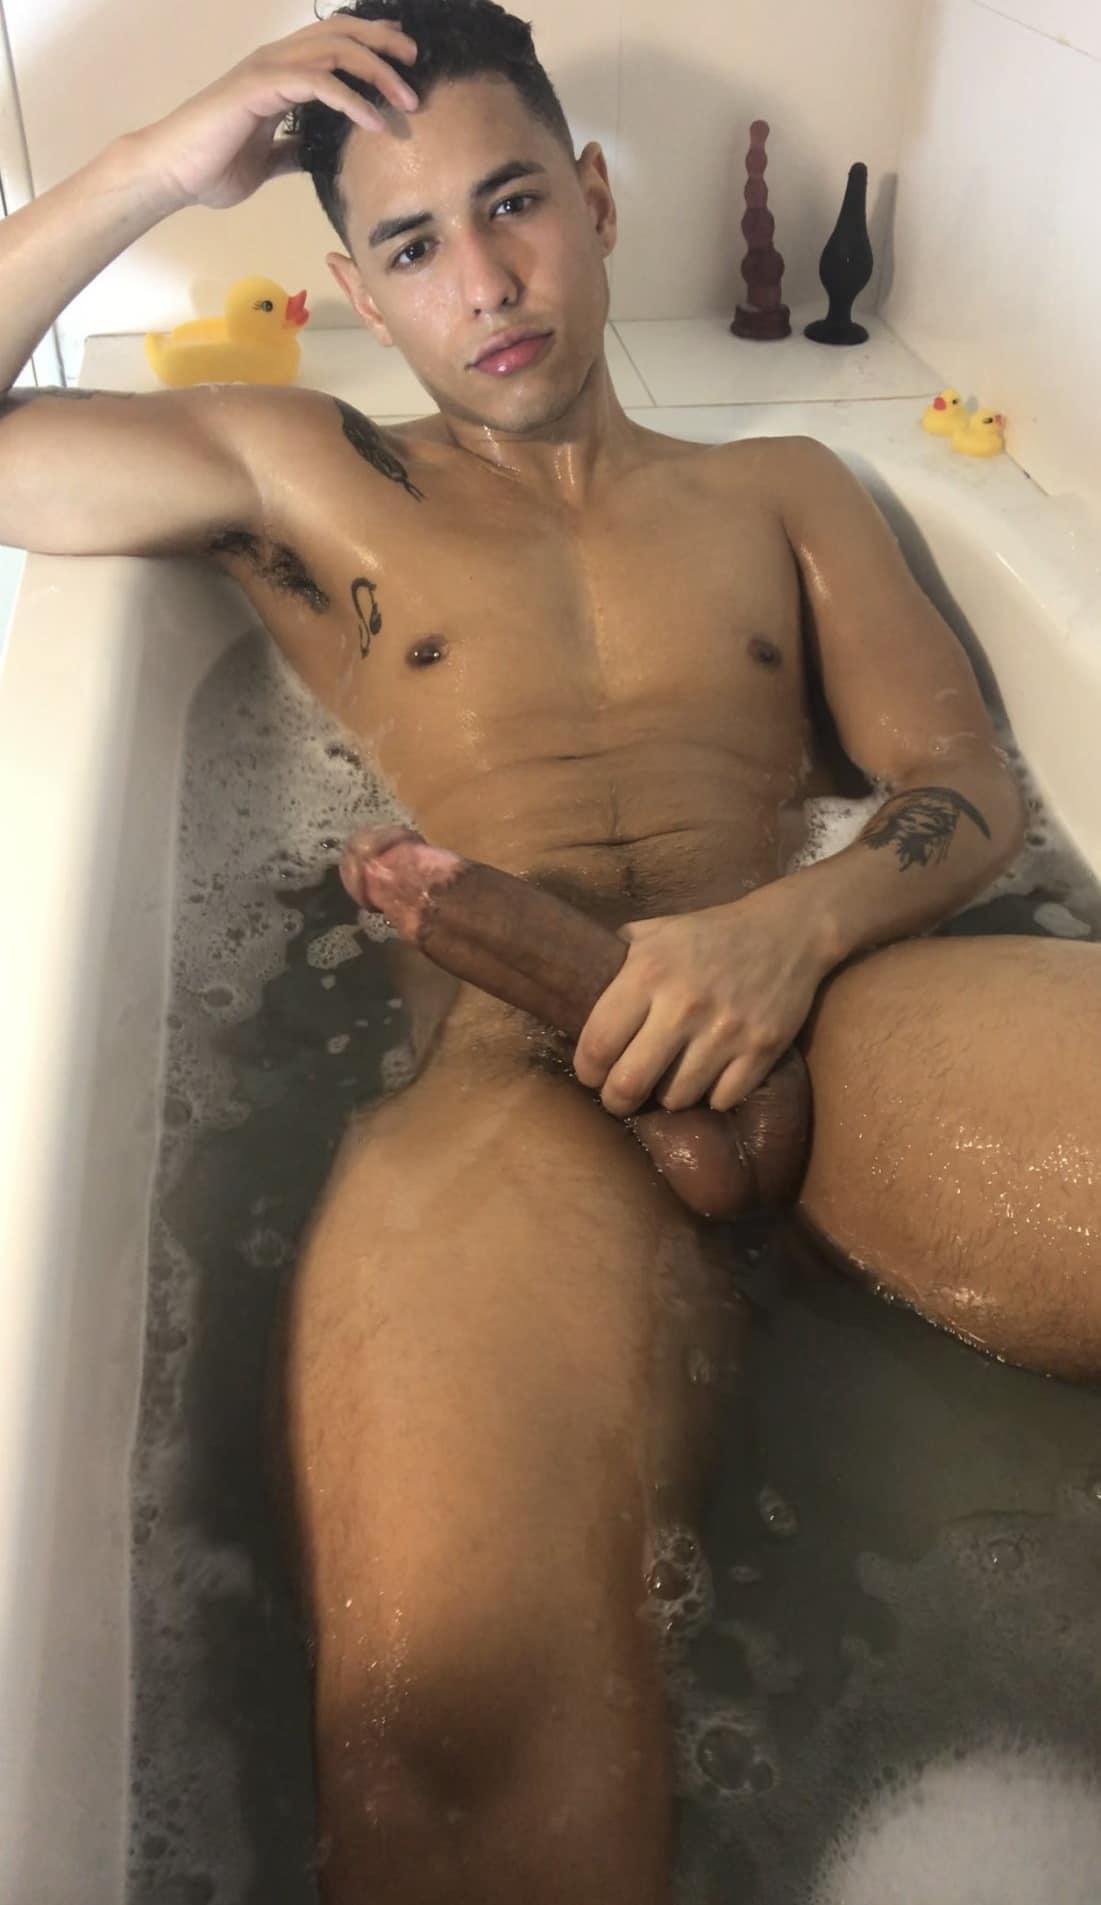 Bathtub boy with a big dick